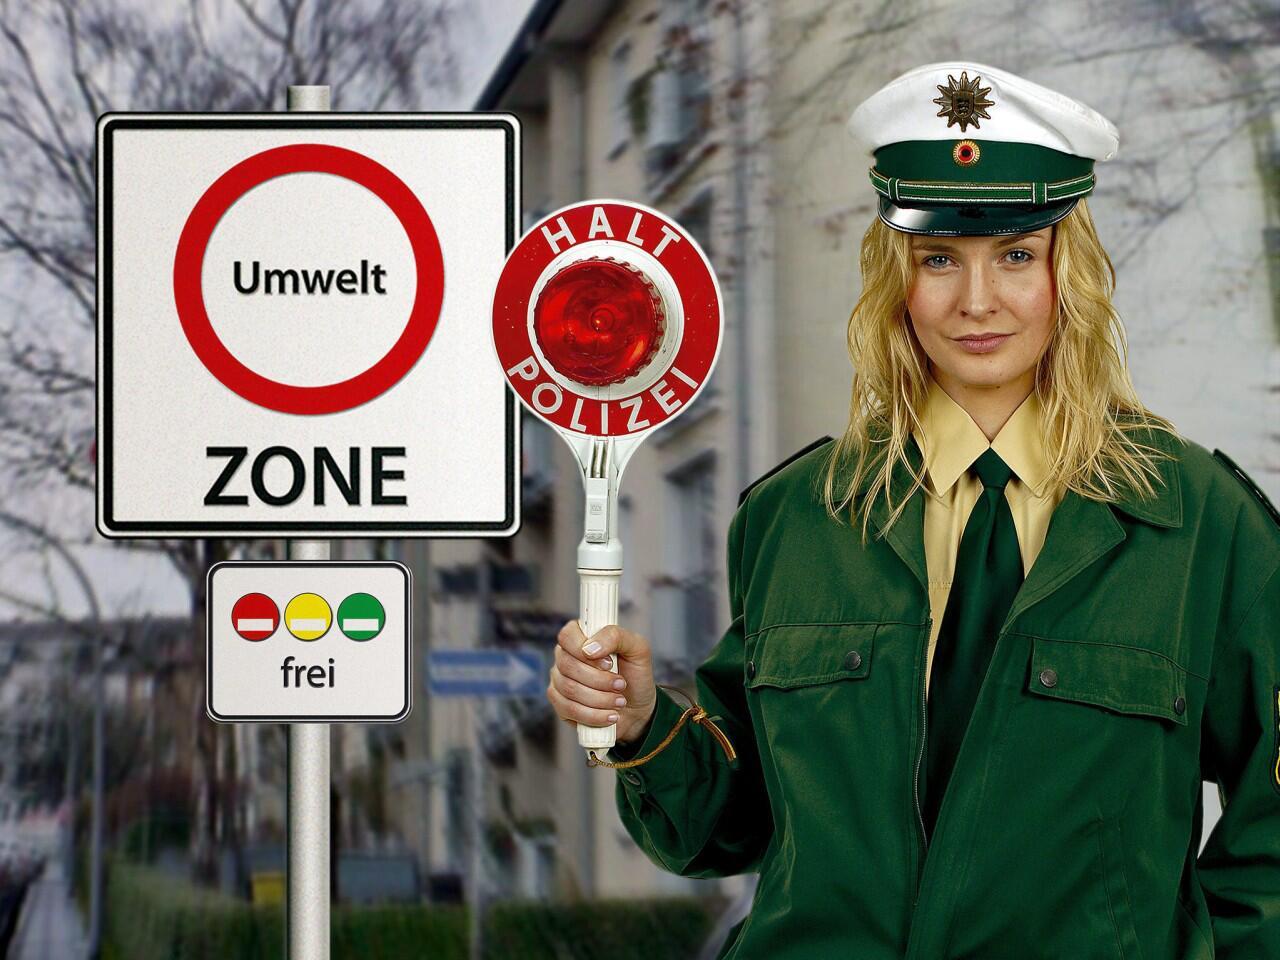 Bild zu Umweltzonen in Deutschland: Einfahrt nur mit entsprechender Feinstaubplakette